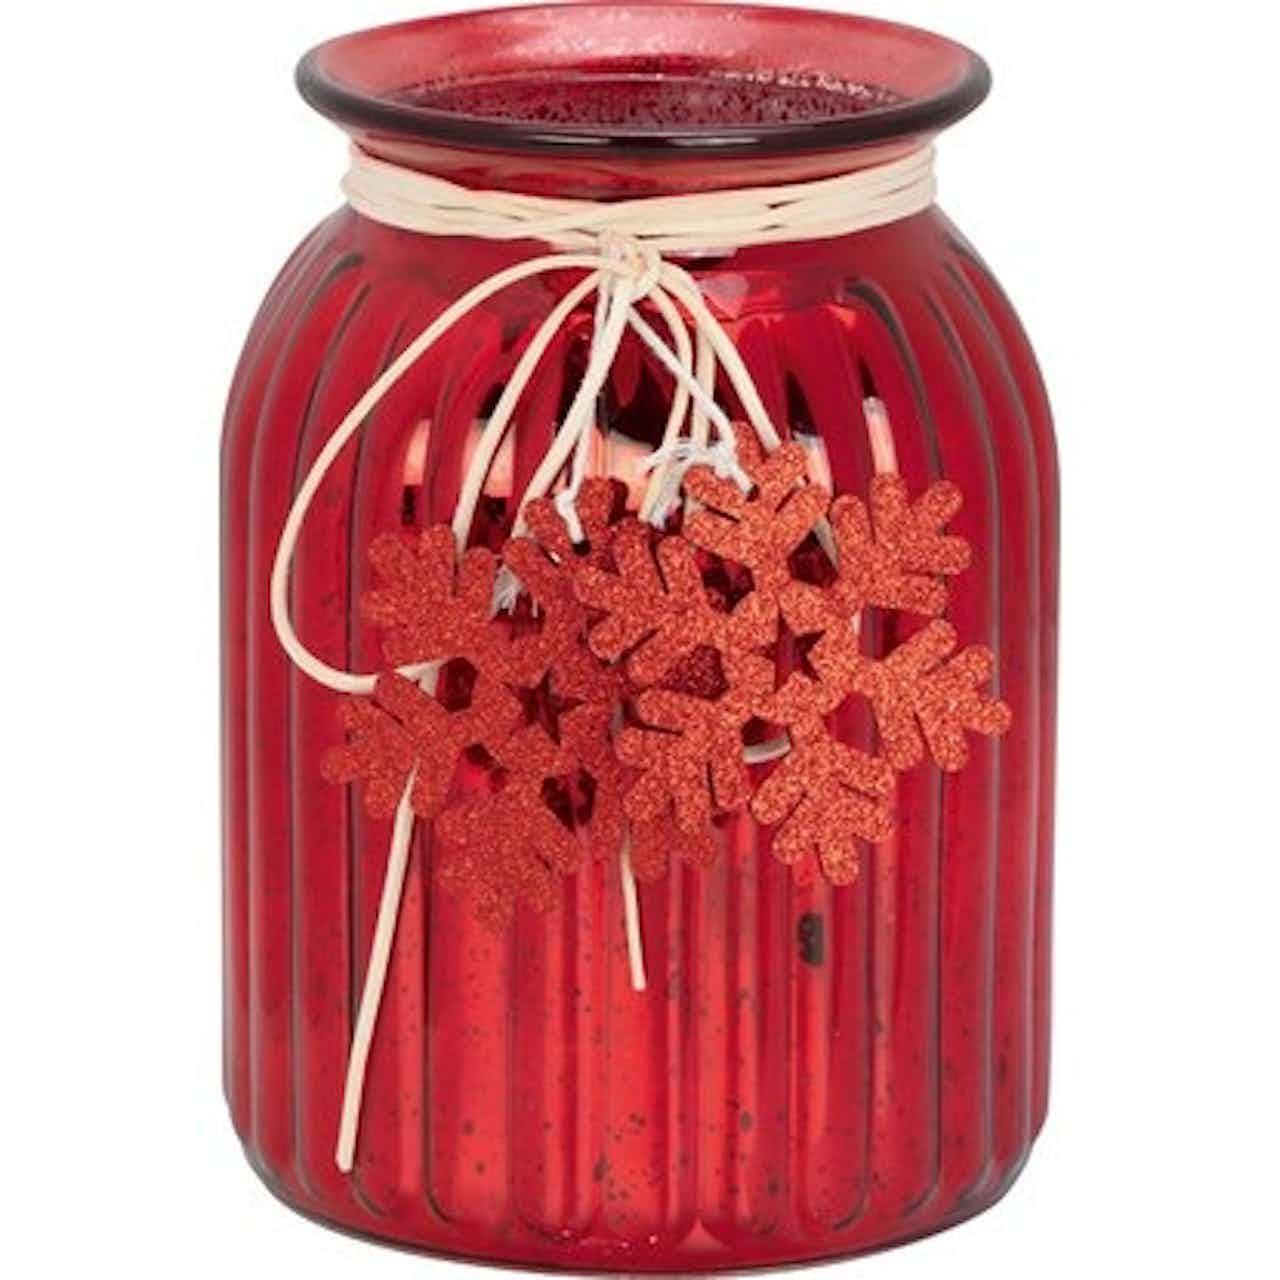 Üveg mécsestartó hópelyhes mintával piros